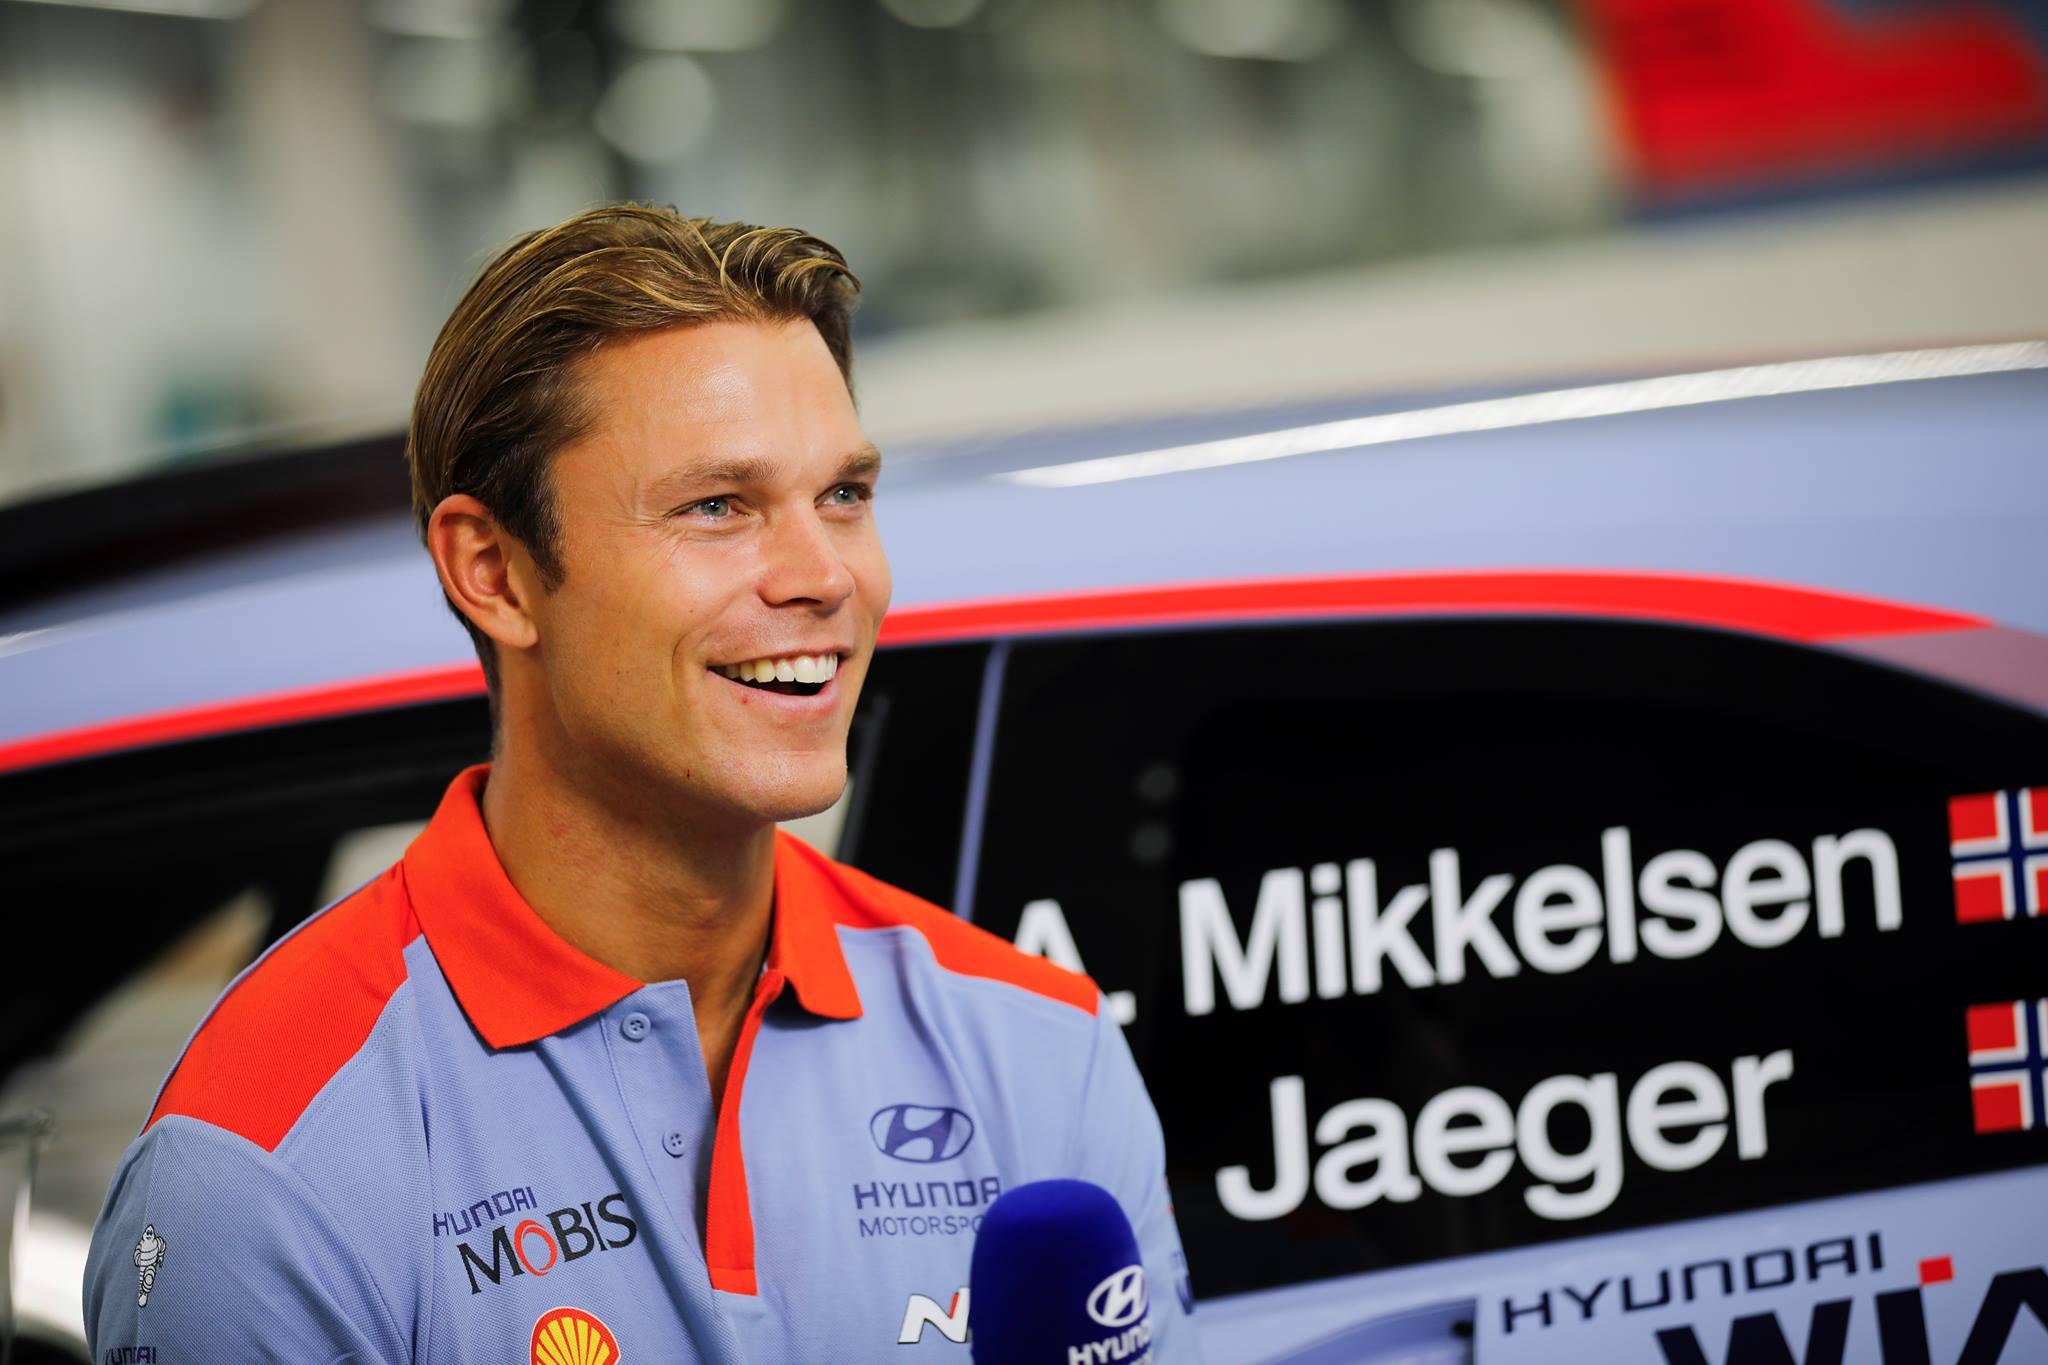 Mikkelsen prolonge son contrat